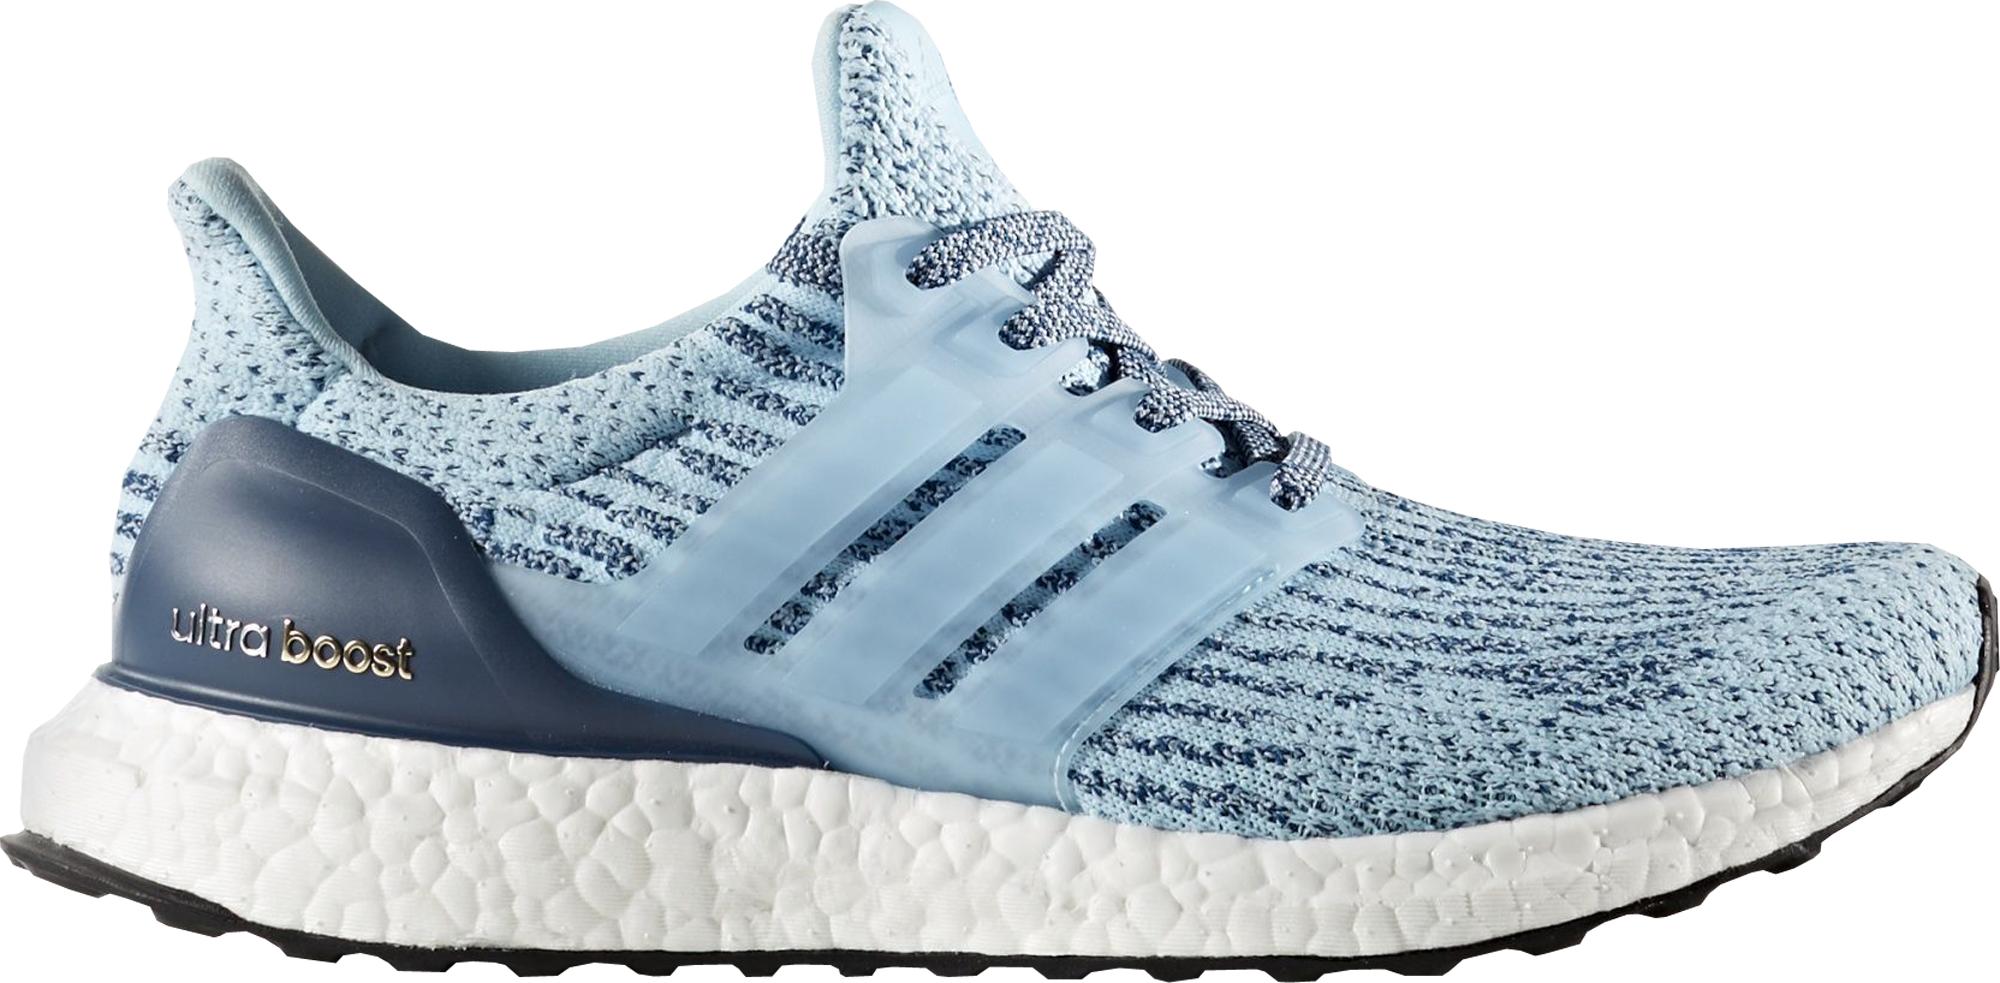 adidas Ultra Boost 3.0 Icey Blue (W